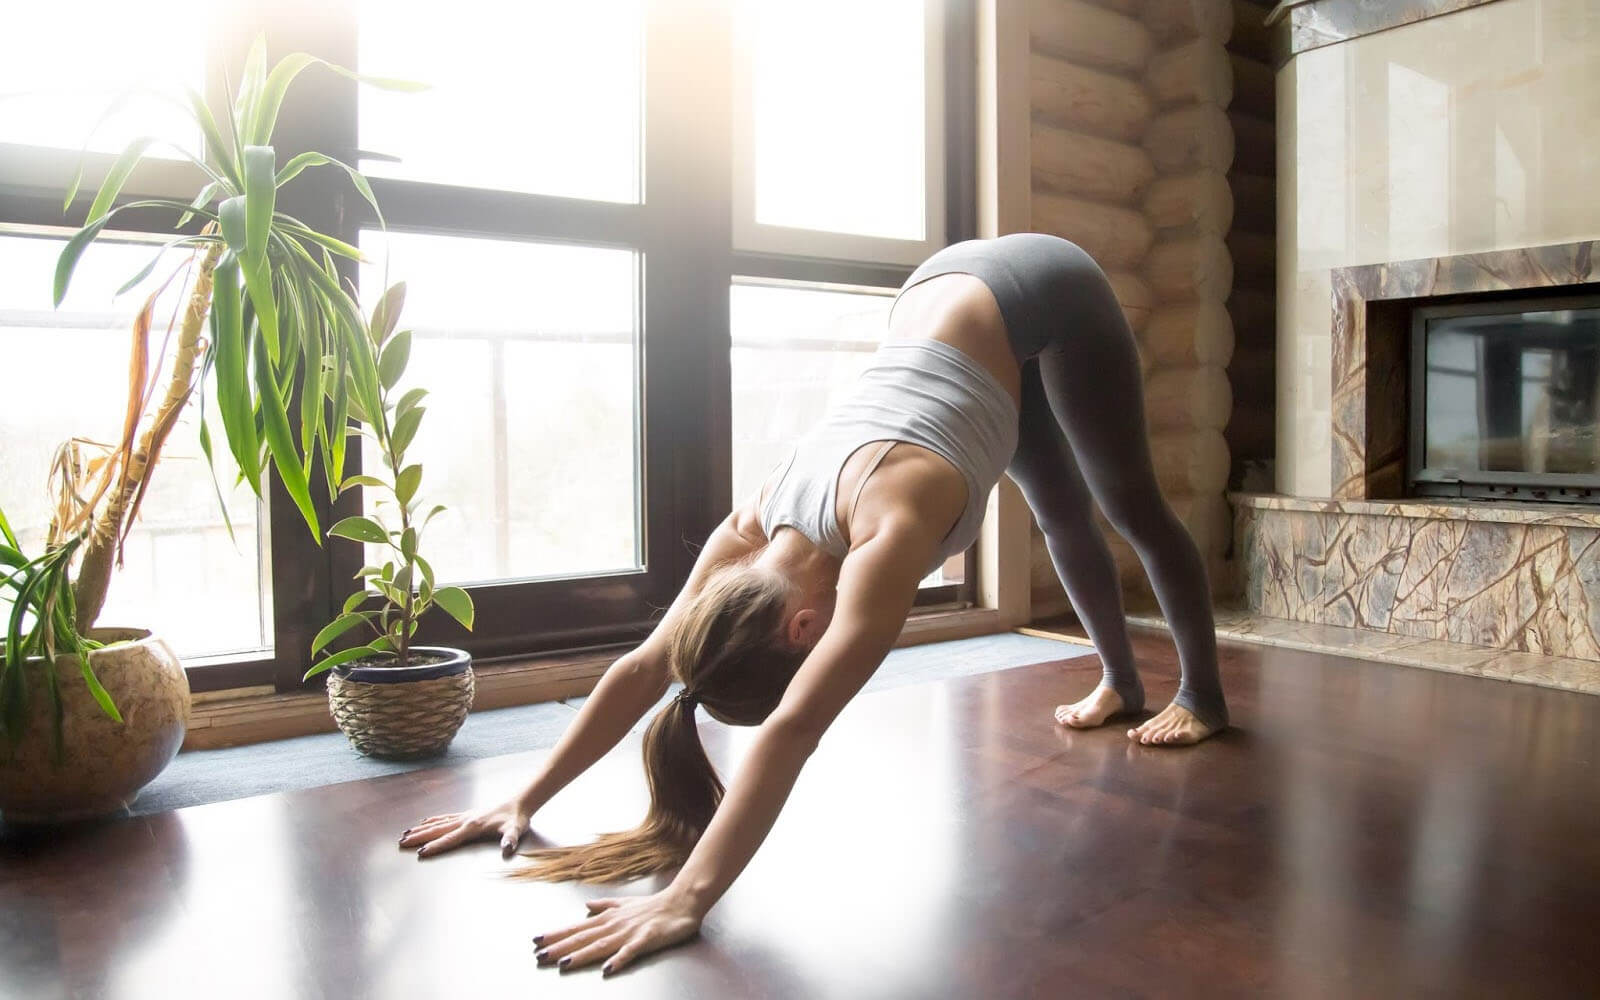 Frau streckt sich bei einer Übung in einem selbst eingerichteten Meditationsraum